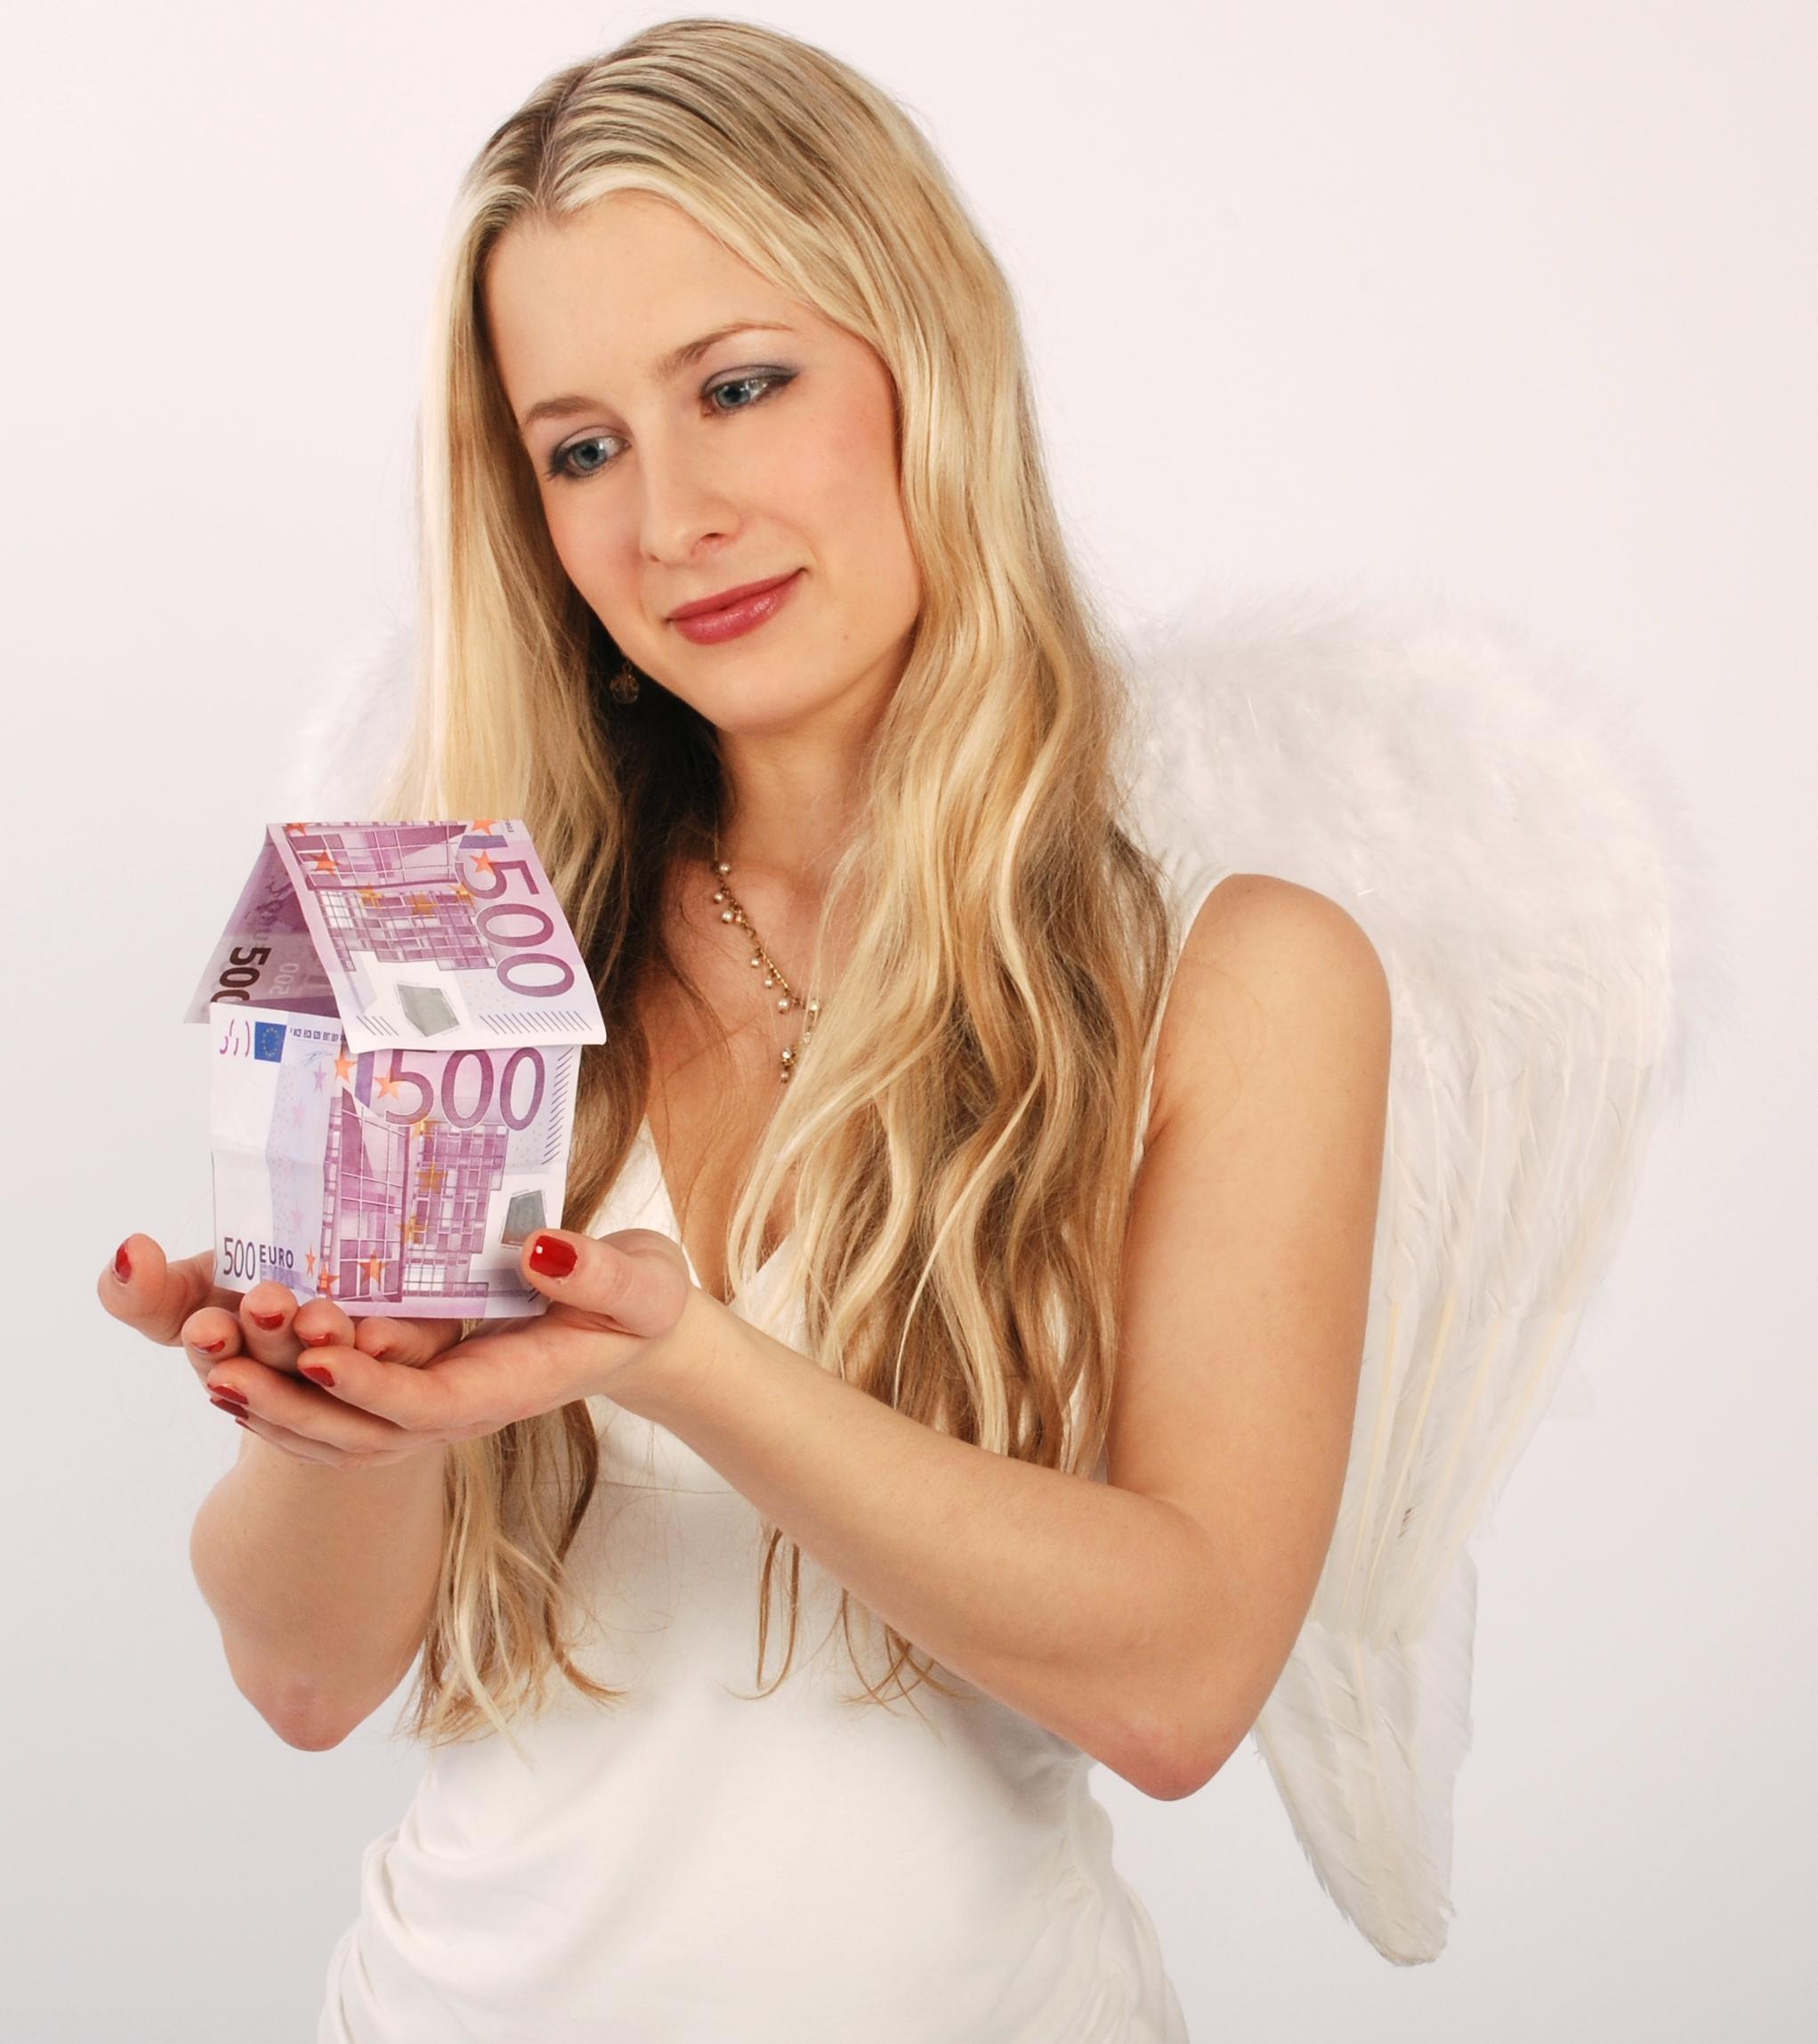 Engel schützt teures Eigenheim